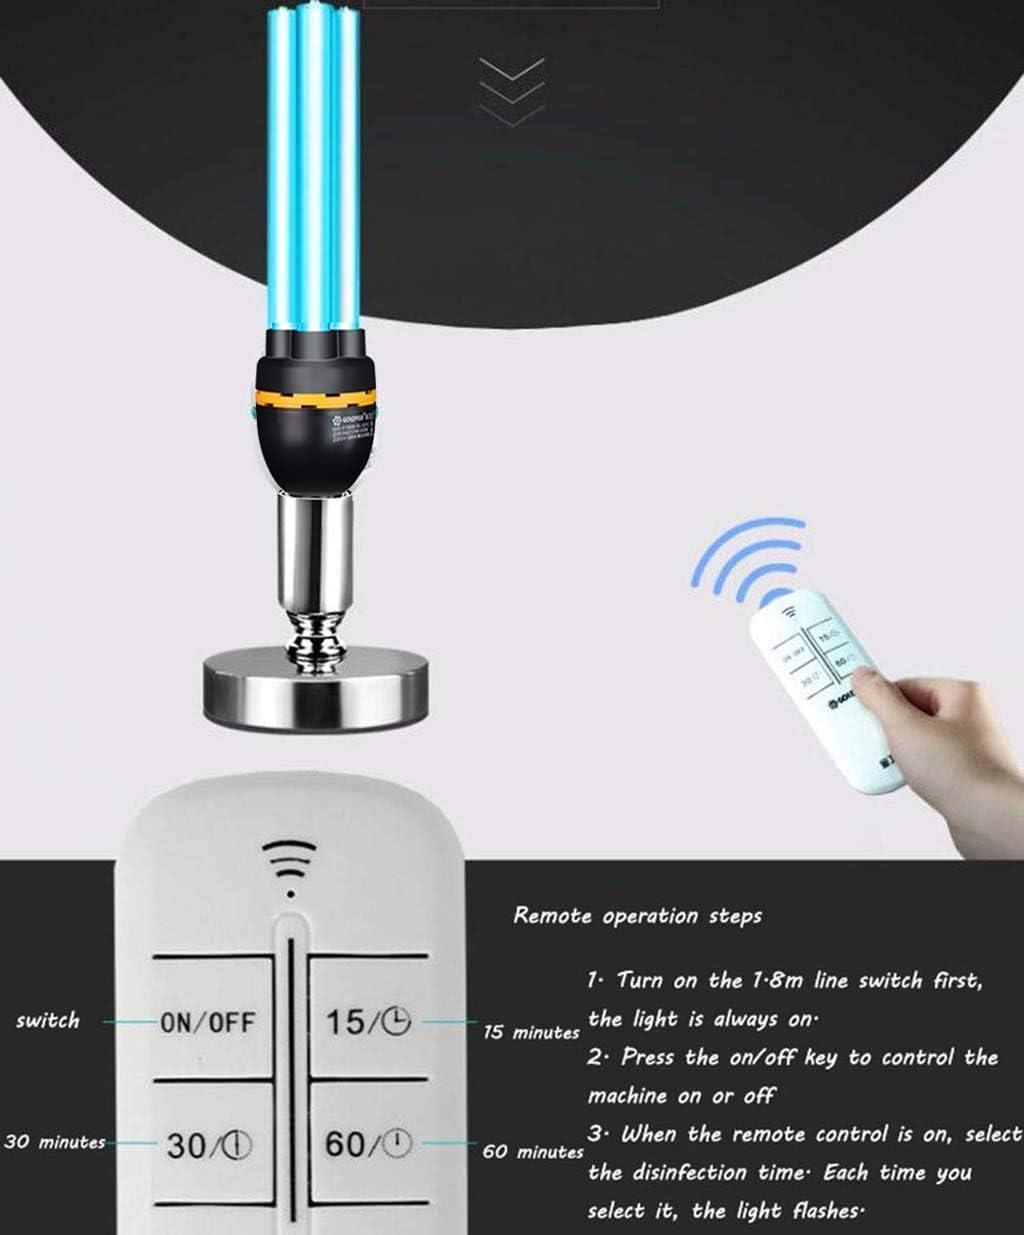 360 ° sin ángulo Muerto Control Remoto casero UV lámpara de desinfección lámpara UV lámpara de eliminación de ozono lámpara germicida móvil: Amazon.es: Hogar